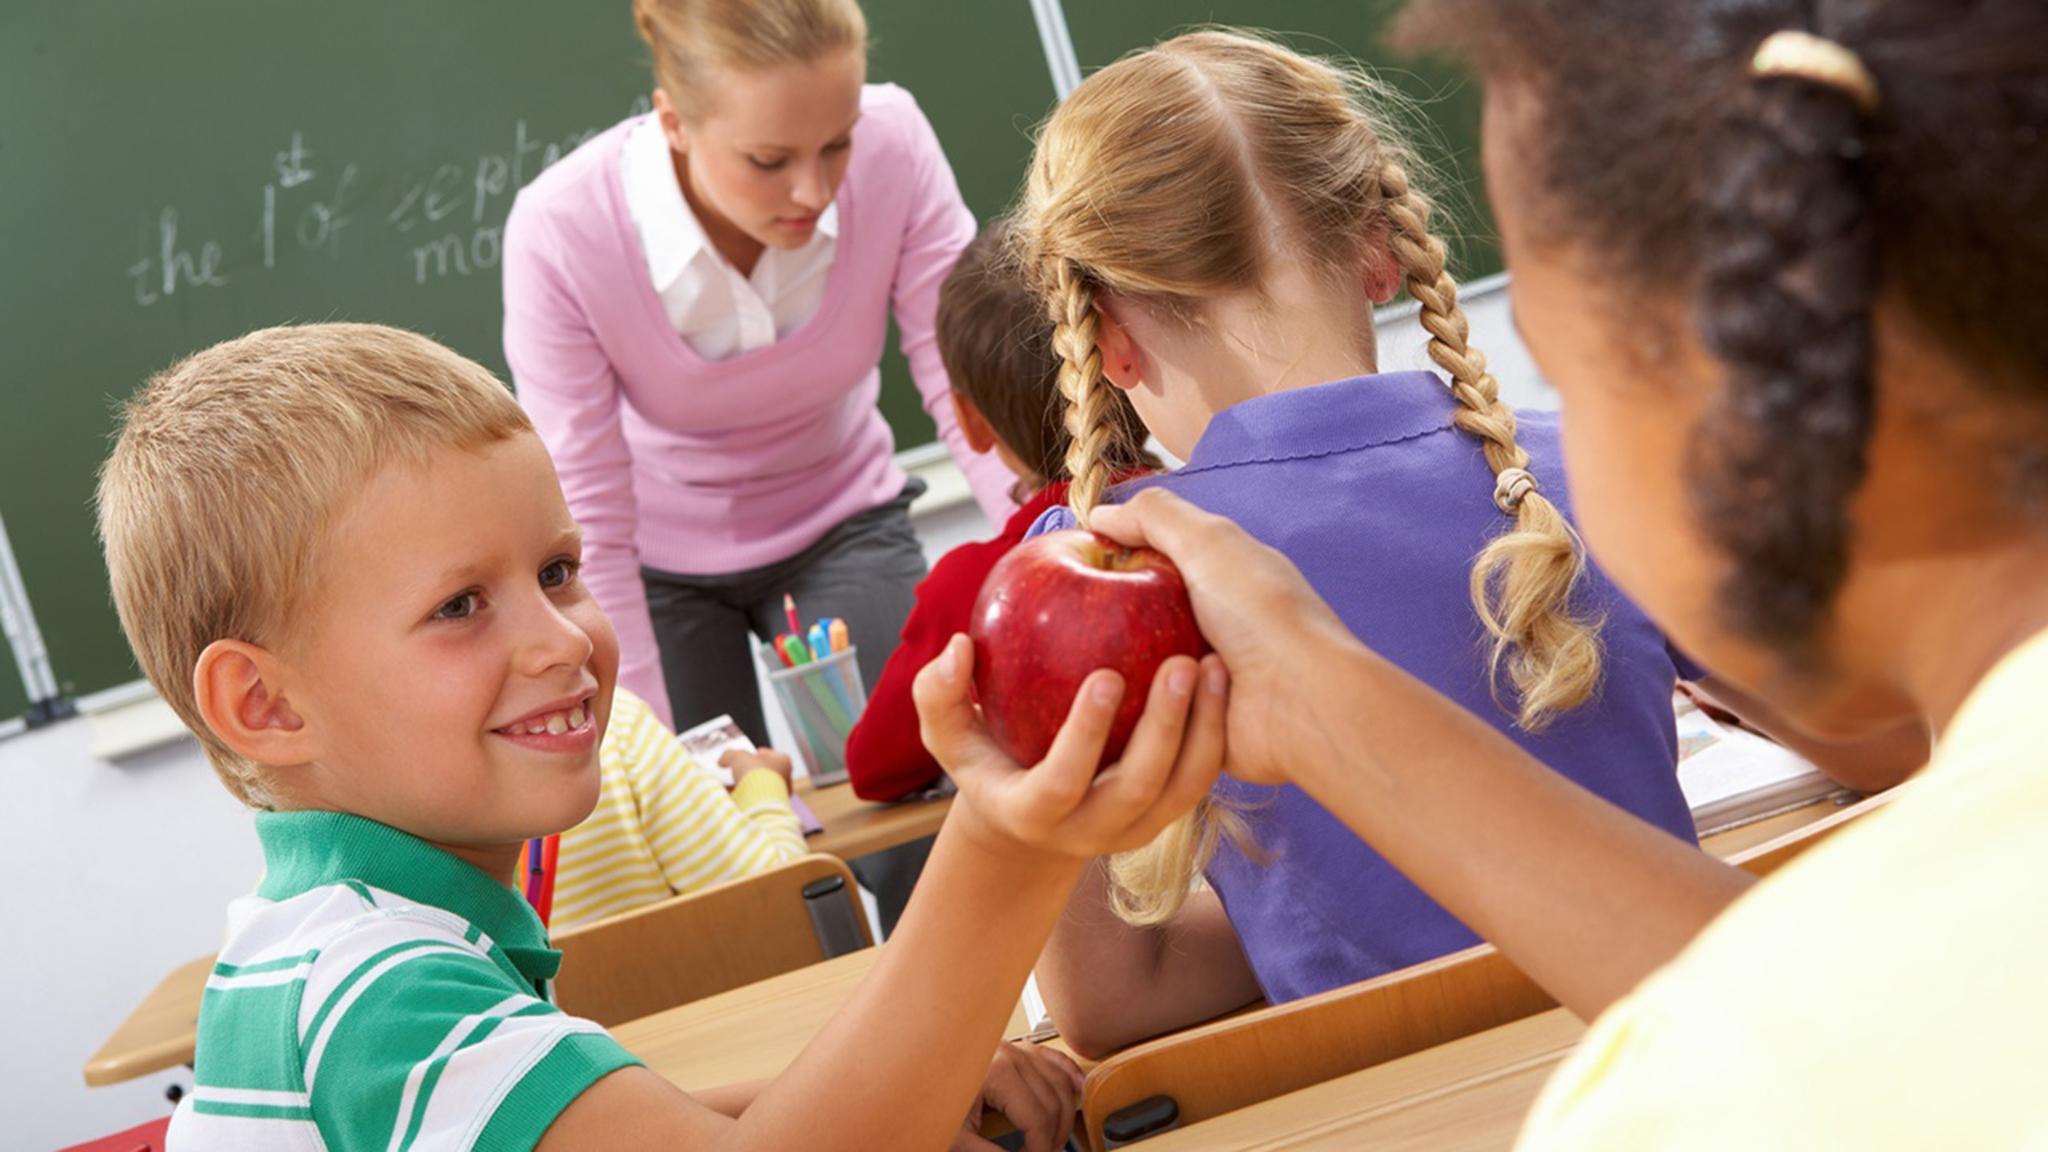 5 упражнений, которые помогут ребенку научиться самоконтролю